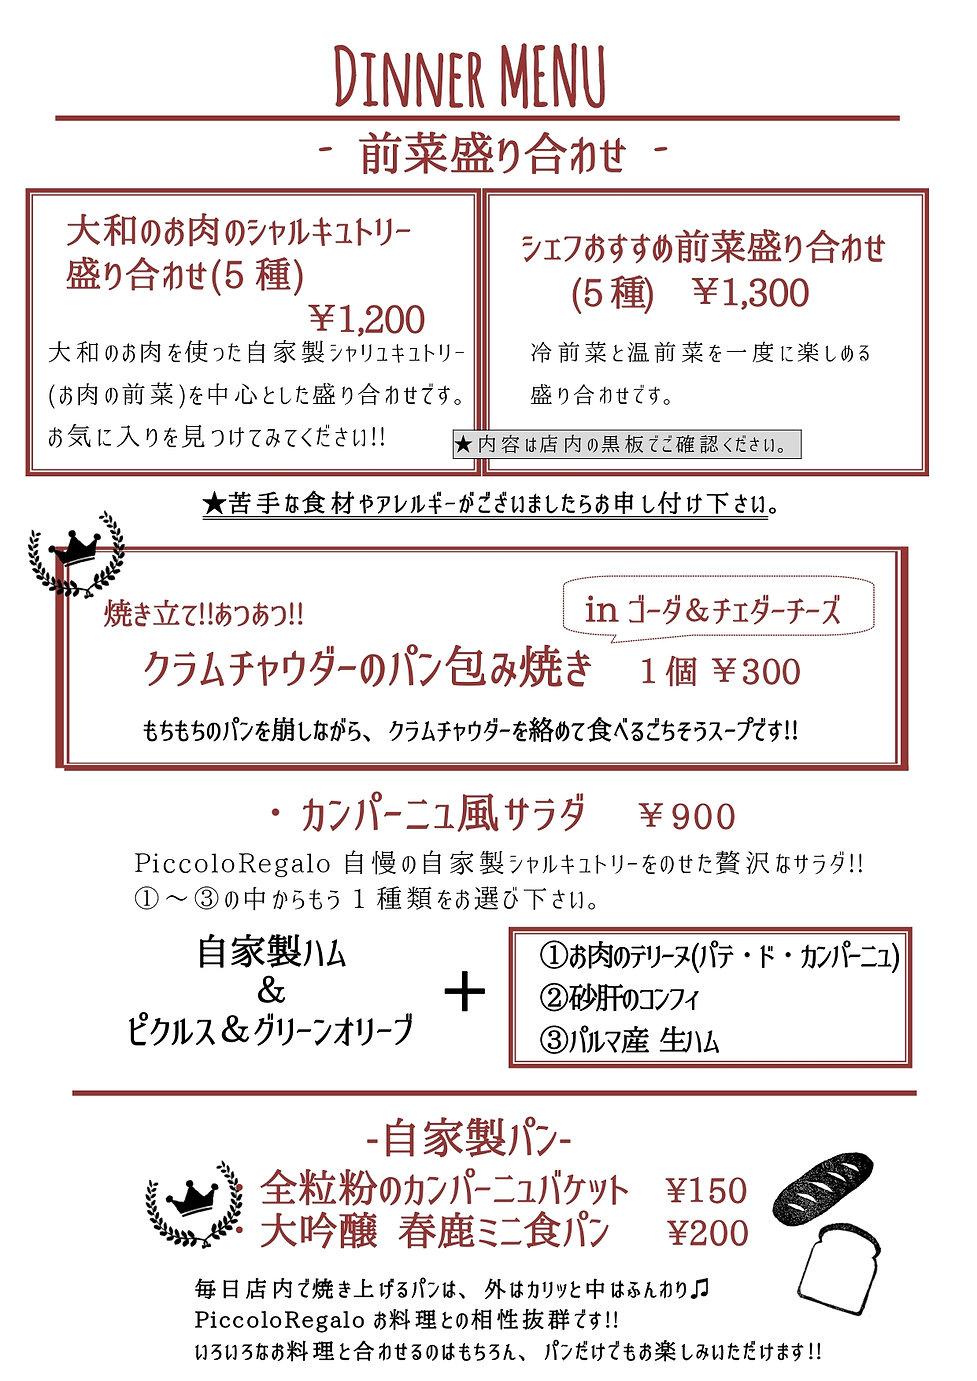 ディナーメニュー 1 城山台4.5_page-0001(2).jpg